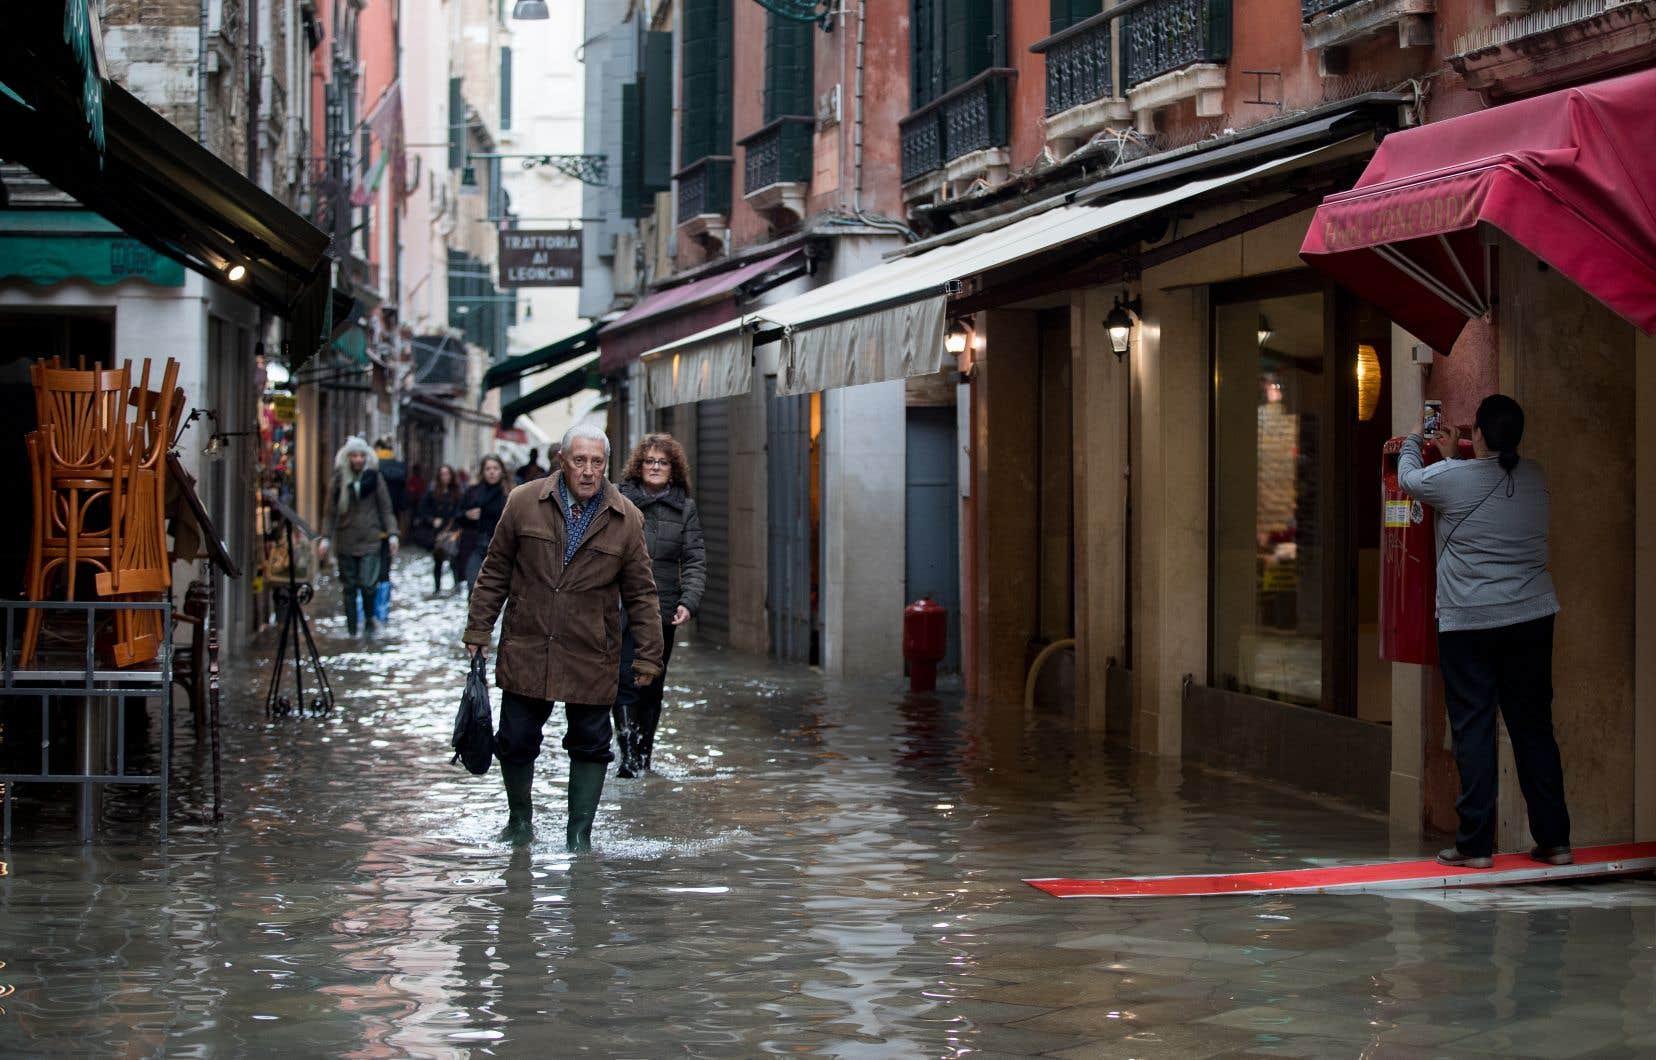 Les Vénitiens ont appris à vivre au rythme des inondations. Cependant, la ville se vide de ses habitants, qui fuient aussi les hordes de touristes, et la population décline depuis des décennies.